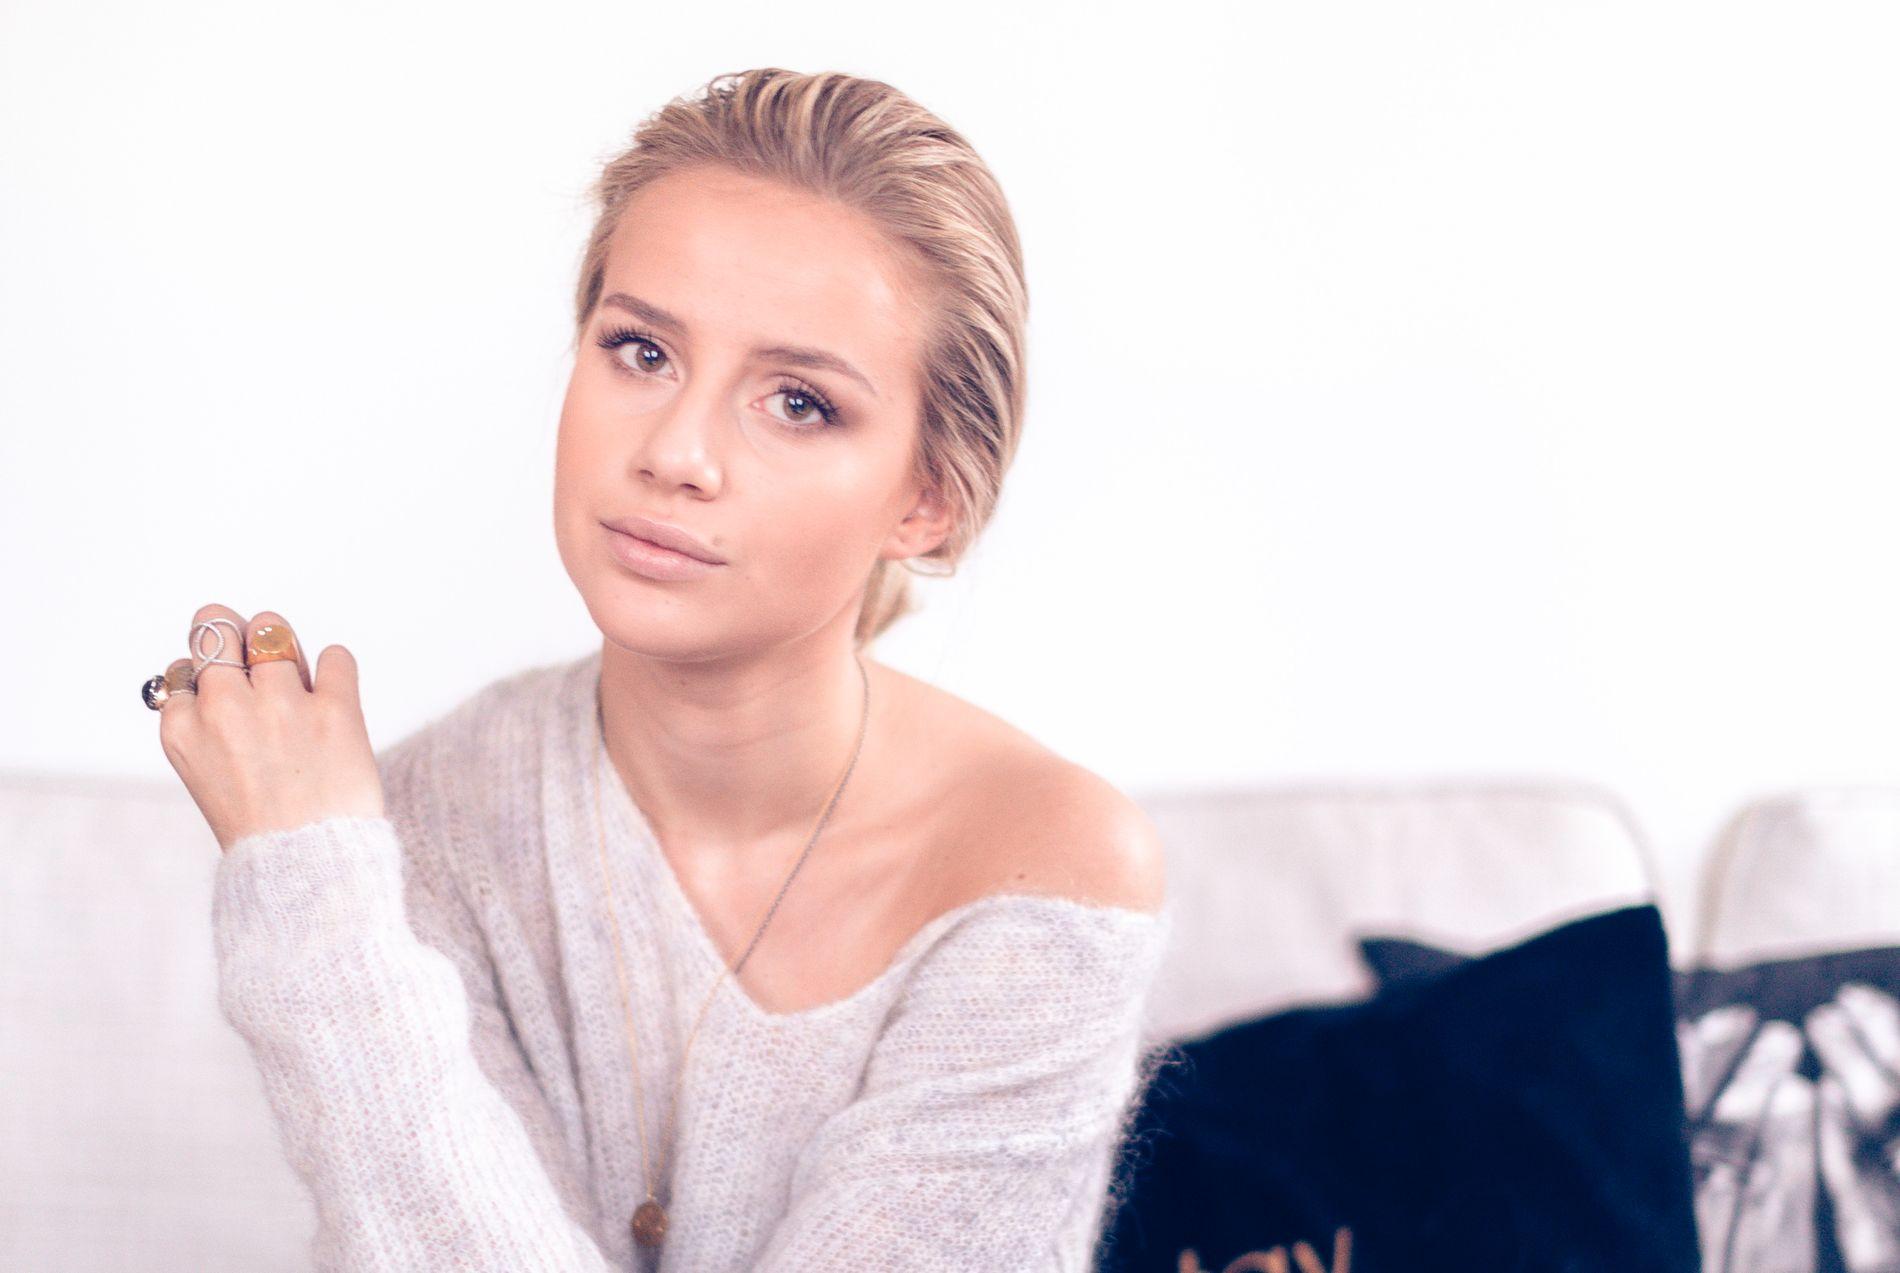 BLOGGER BOKDEBUTERER: Anniken Jørgensen (22) er blogger, TV-personlighet og influencer. Nå har hun skrevet bok, førsteopplaget er allerede utsolgt.